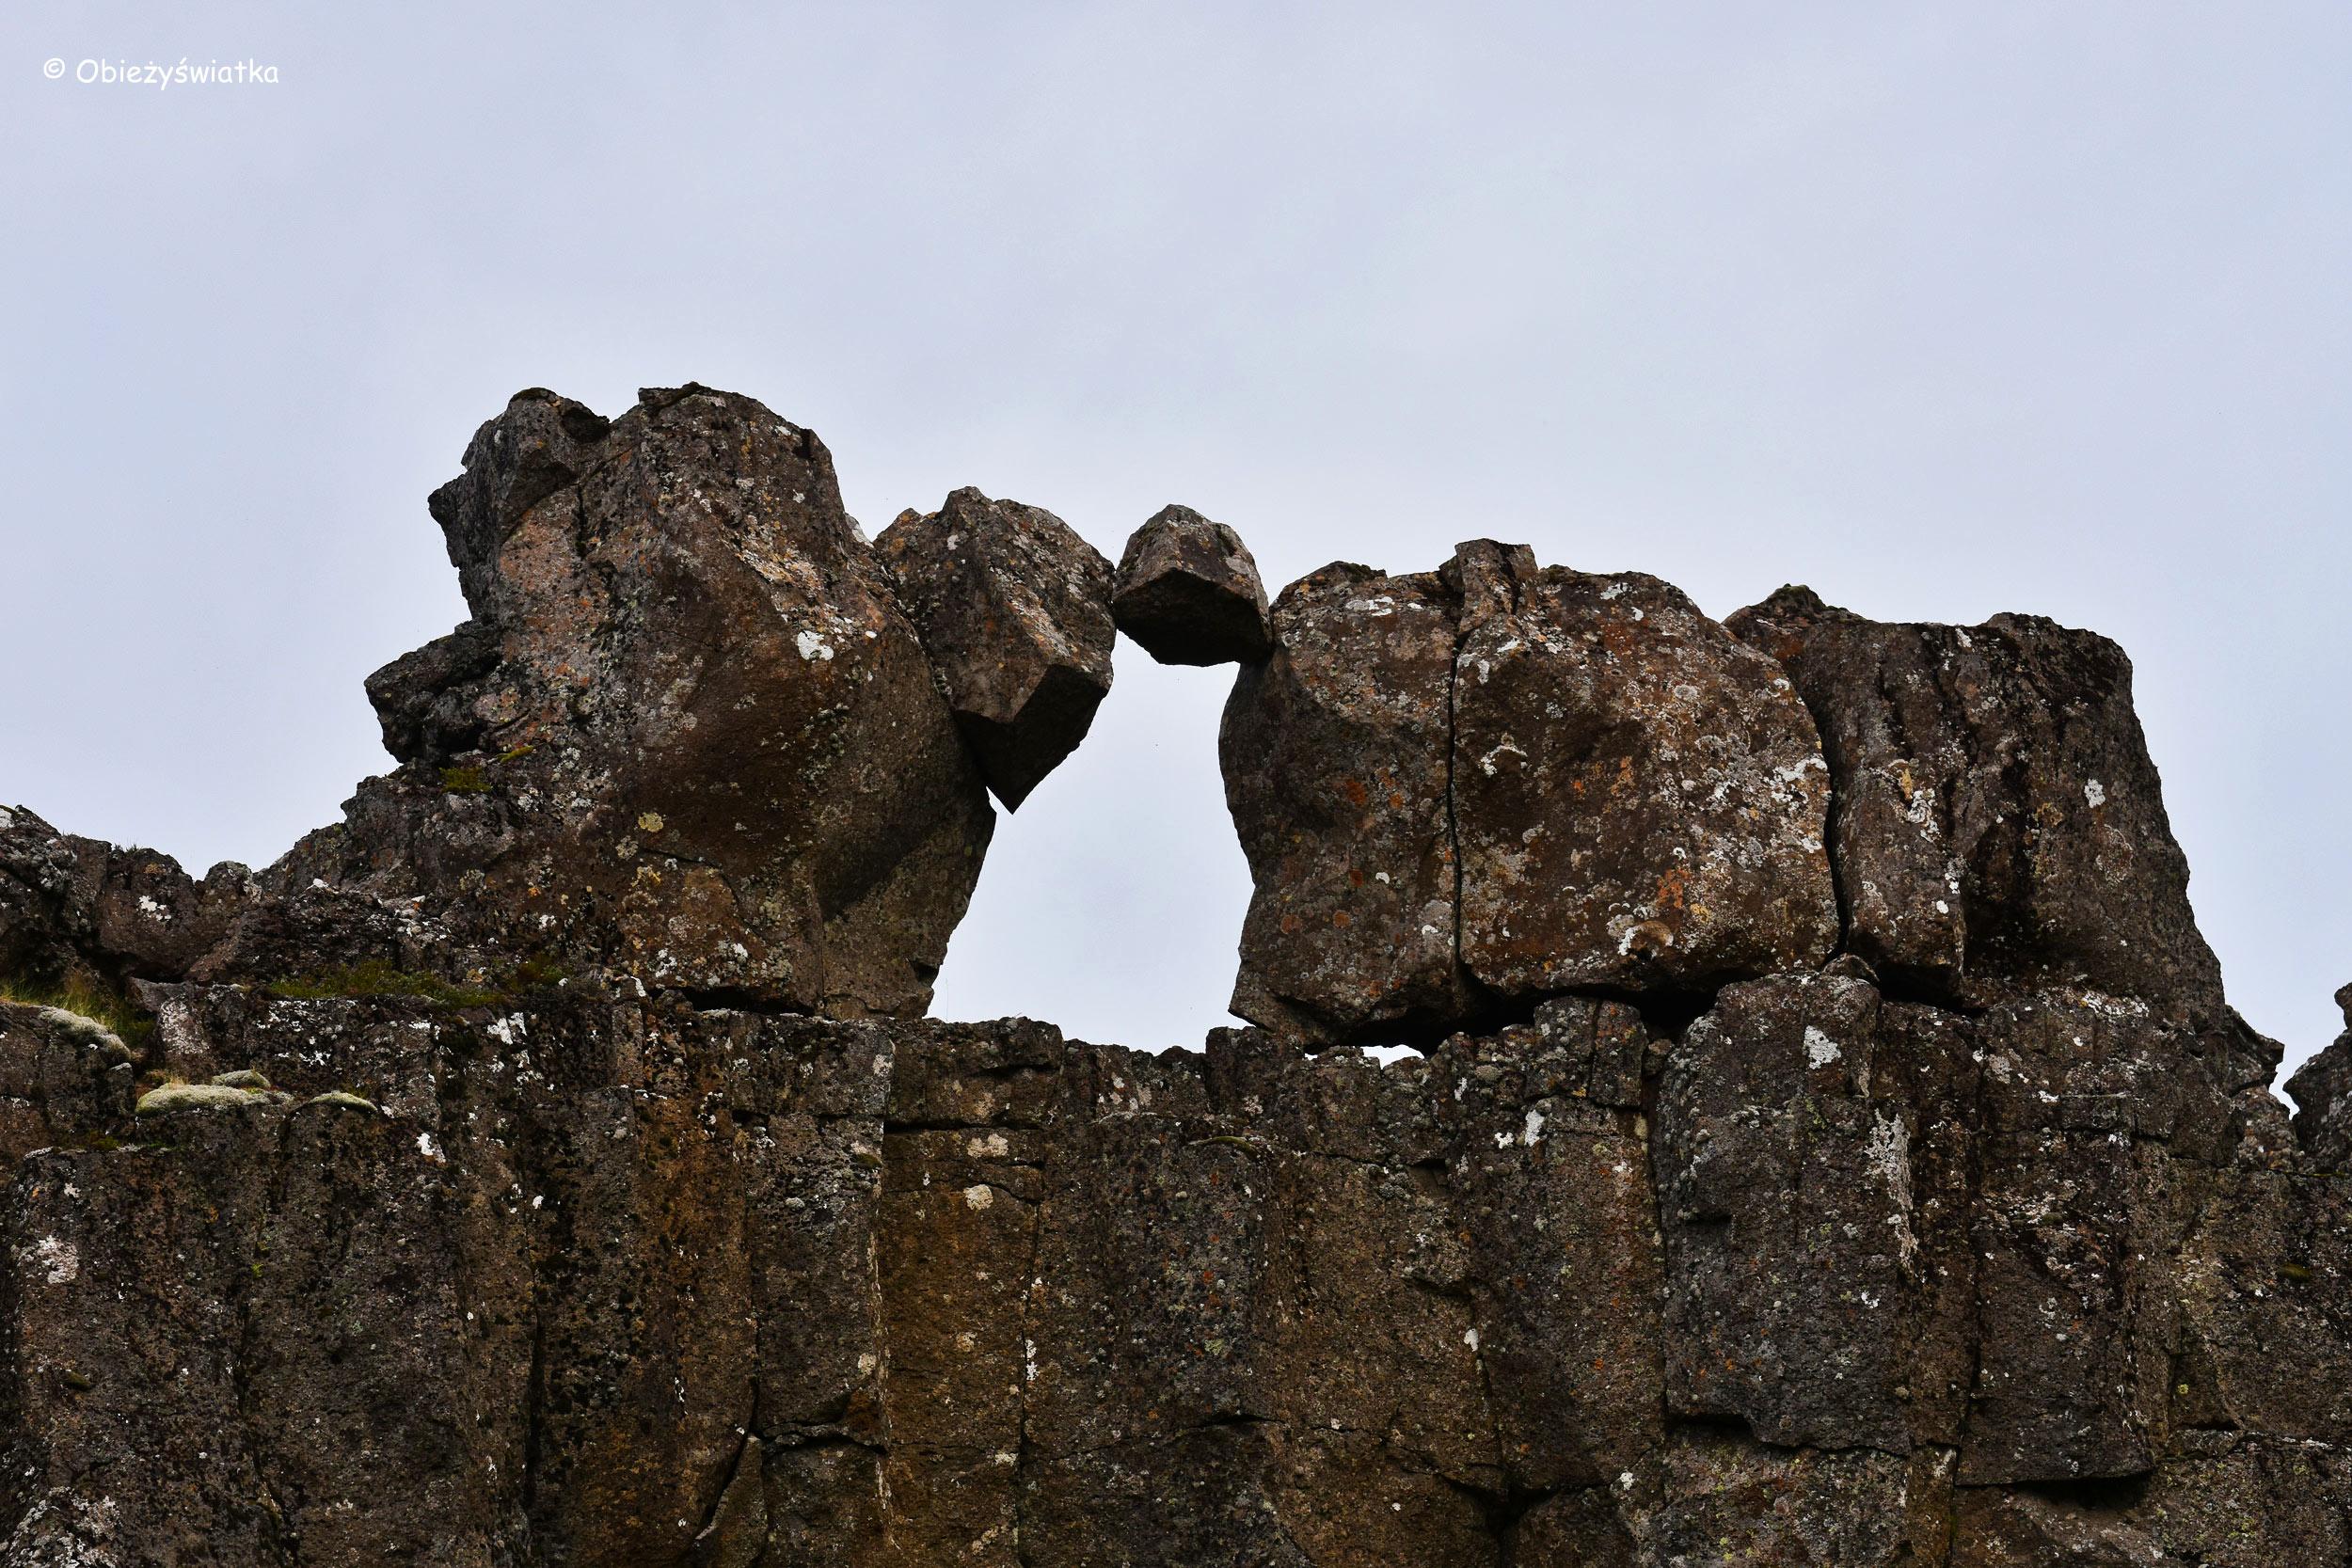 Formacje skalne w Þingvellir - w islandzkim parku narodowym